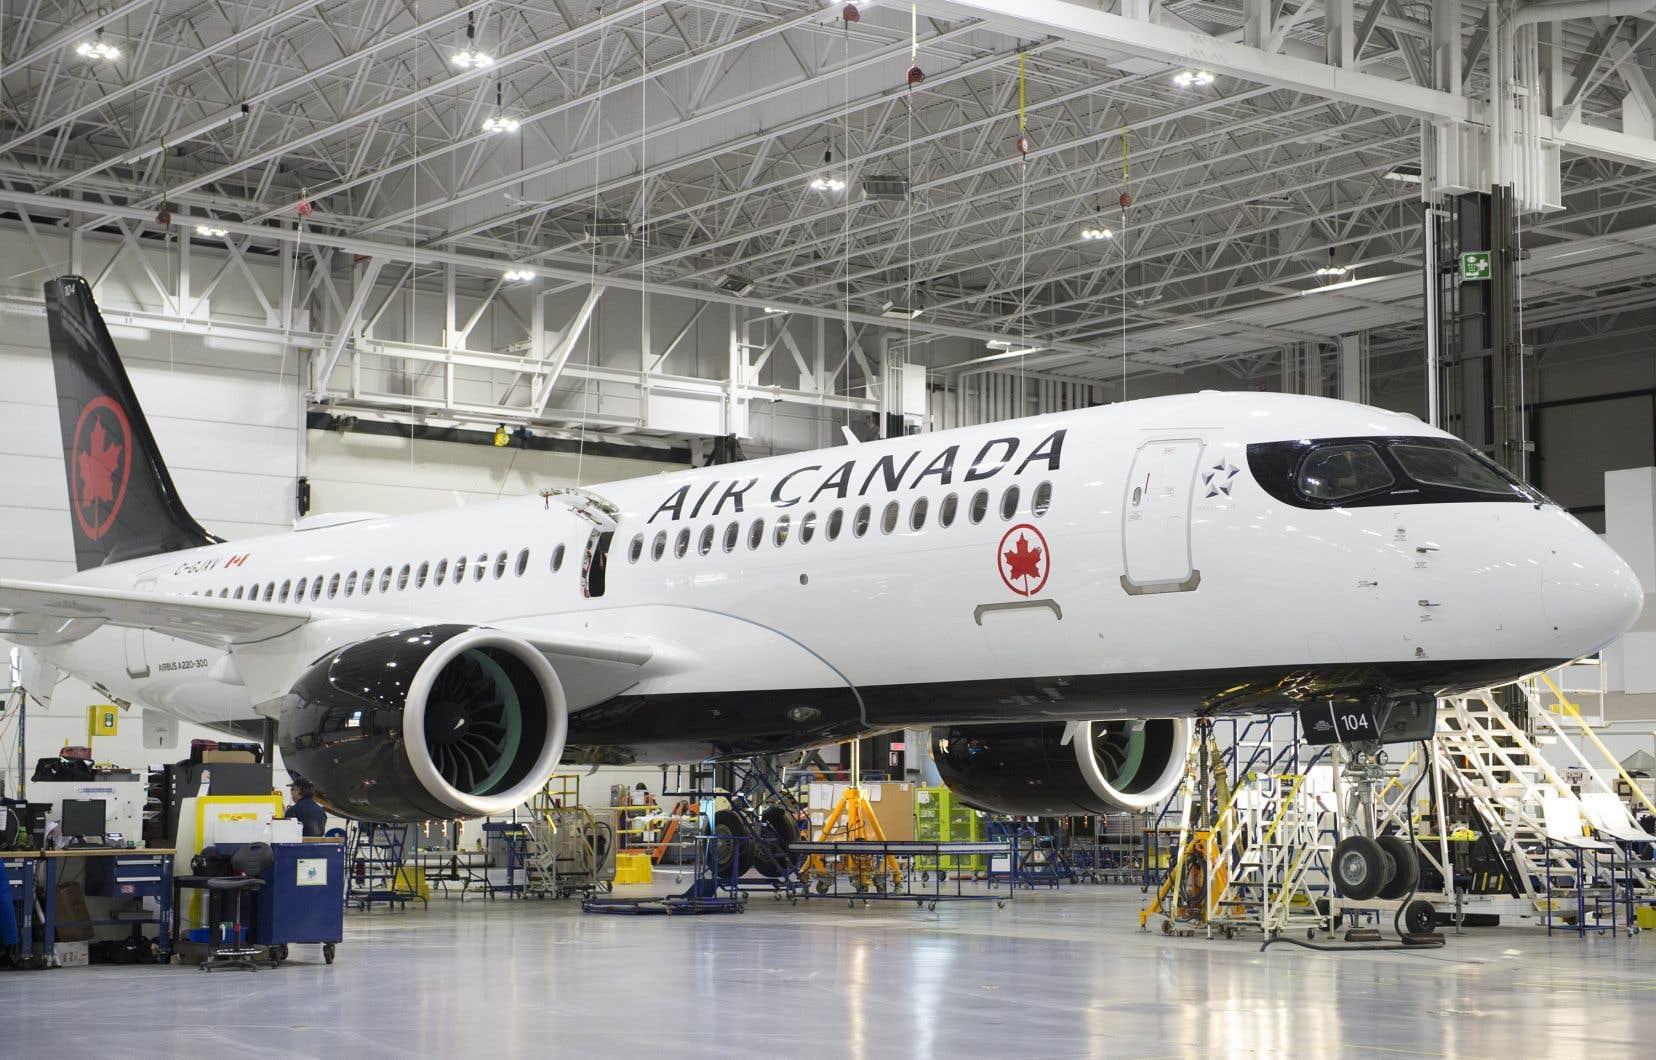 Avianor s'est vue confier le mandat d'entretien de la flotte d'A220 d'Air Canada à Mirabel.